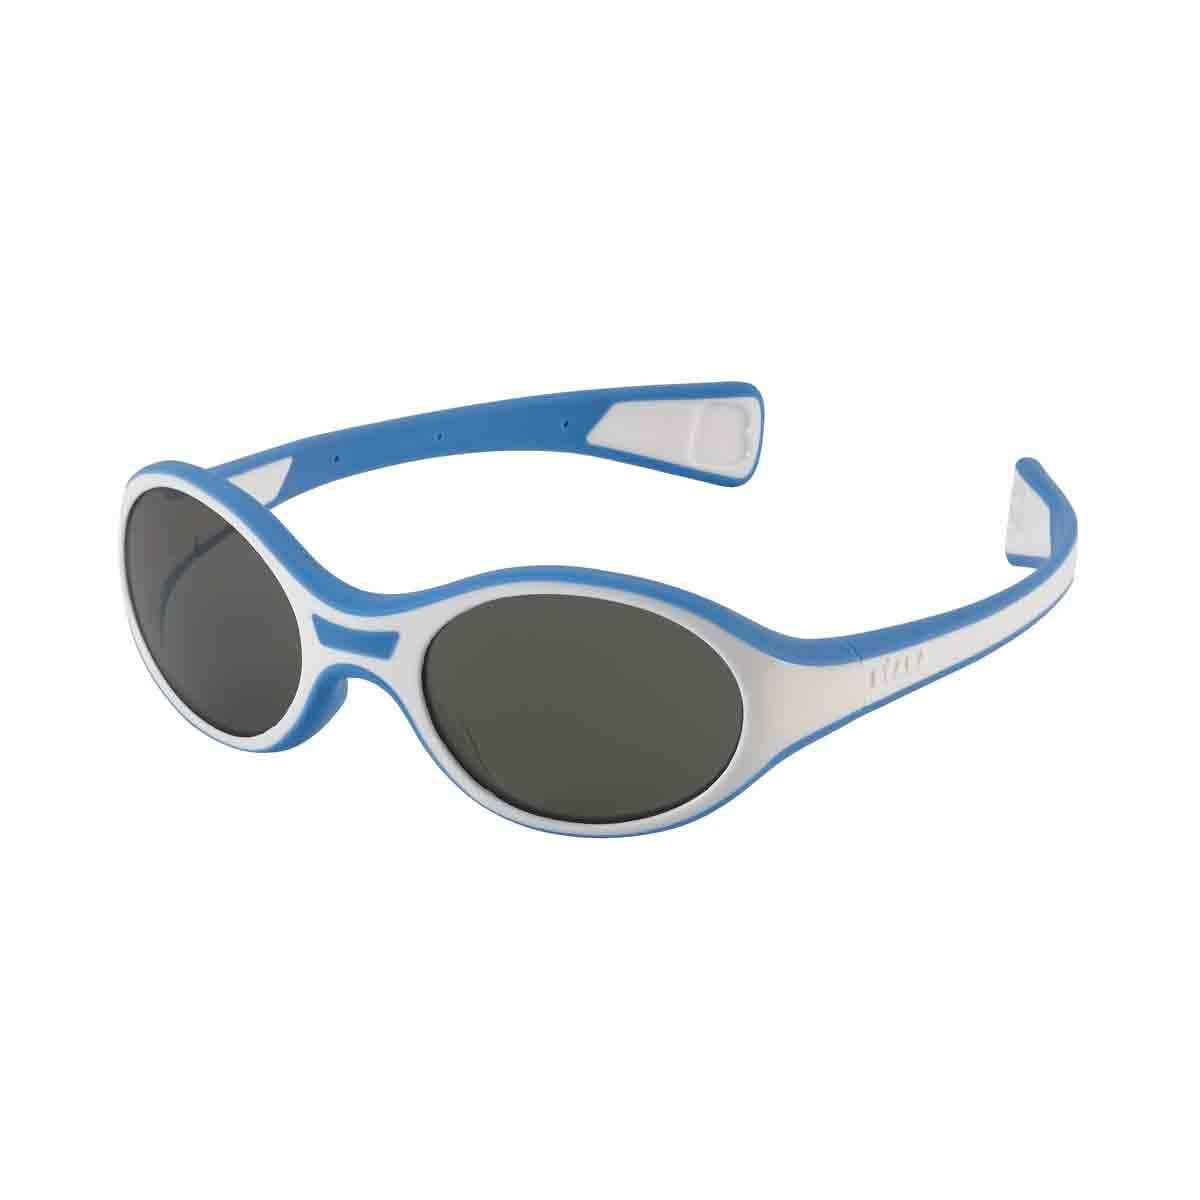 Accessoires bébé Lunettes de Soleil Kids - Taille M - Dark Blue Lunettes de Soleil Kids - Taille M - Dark Blue